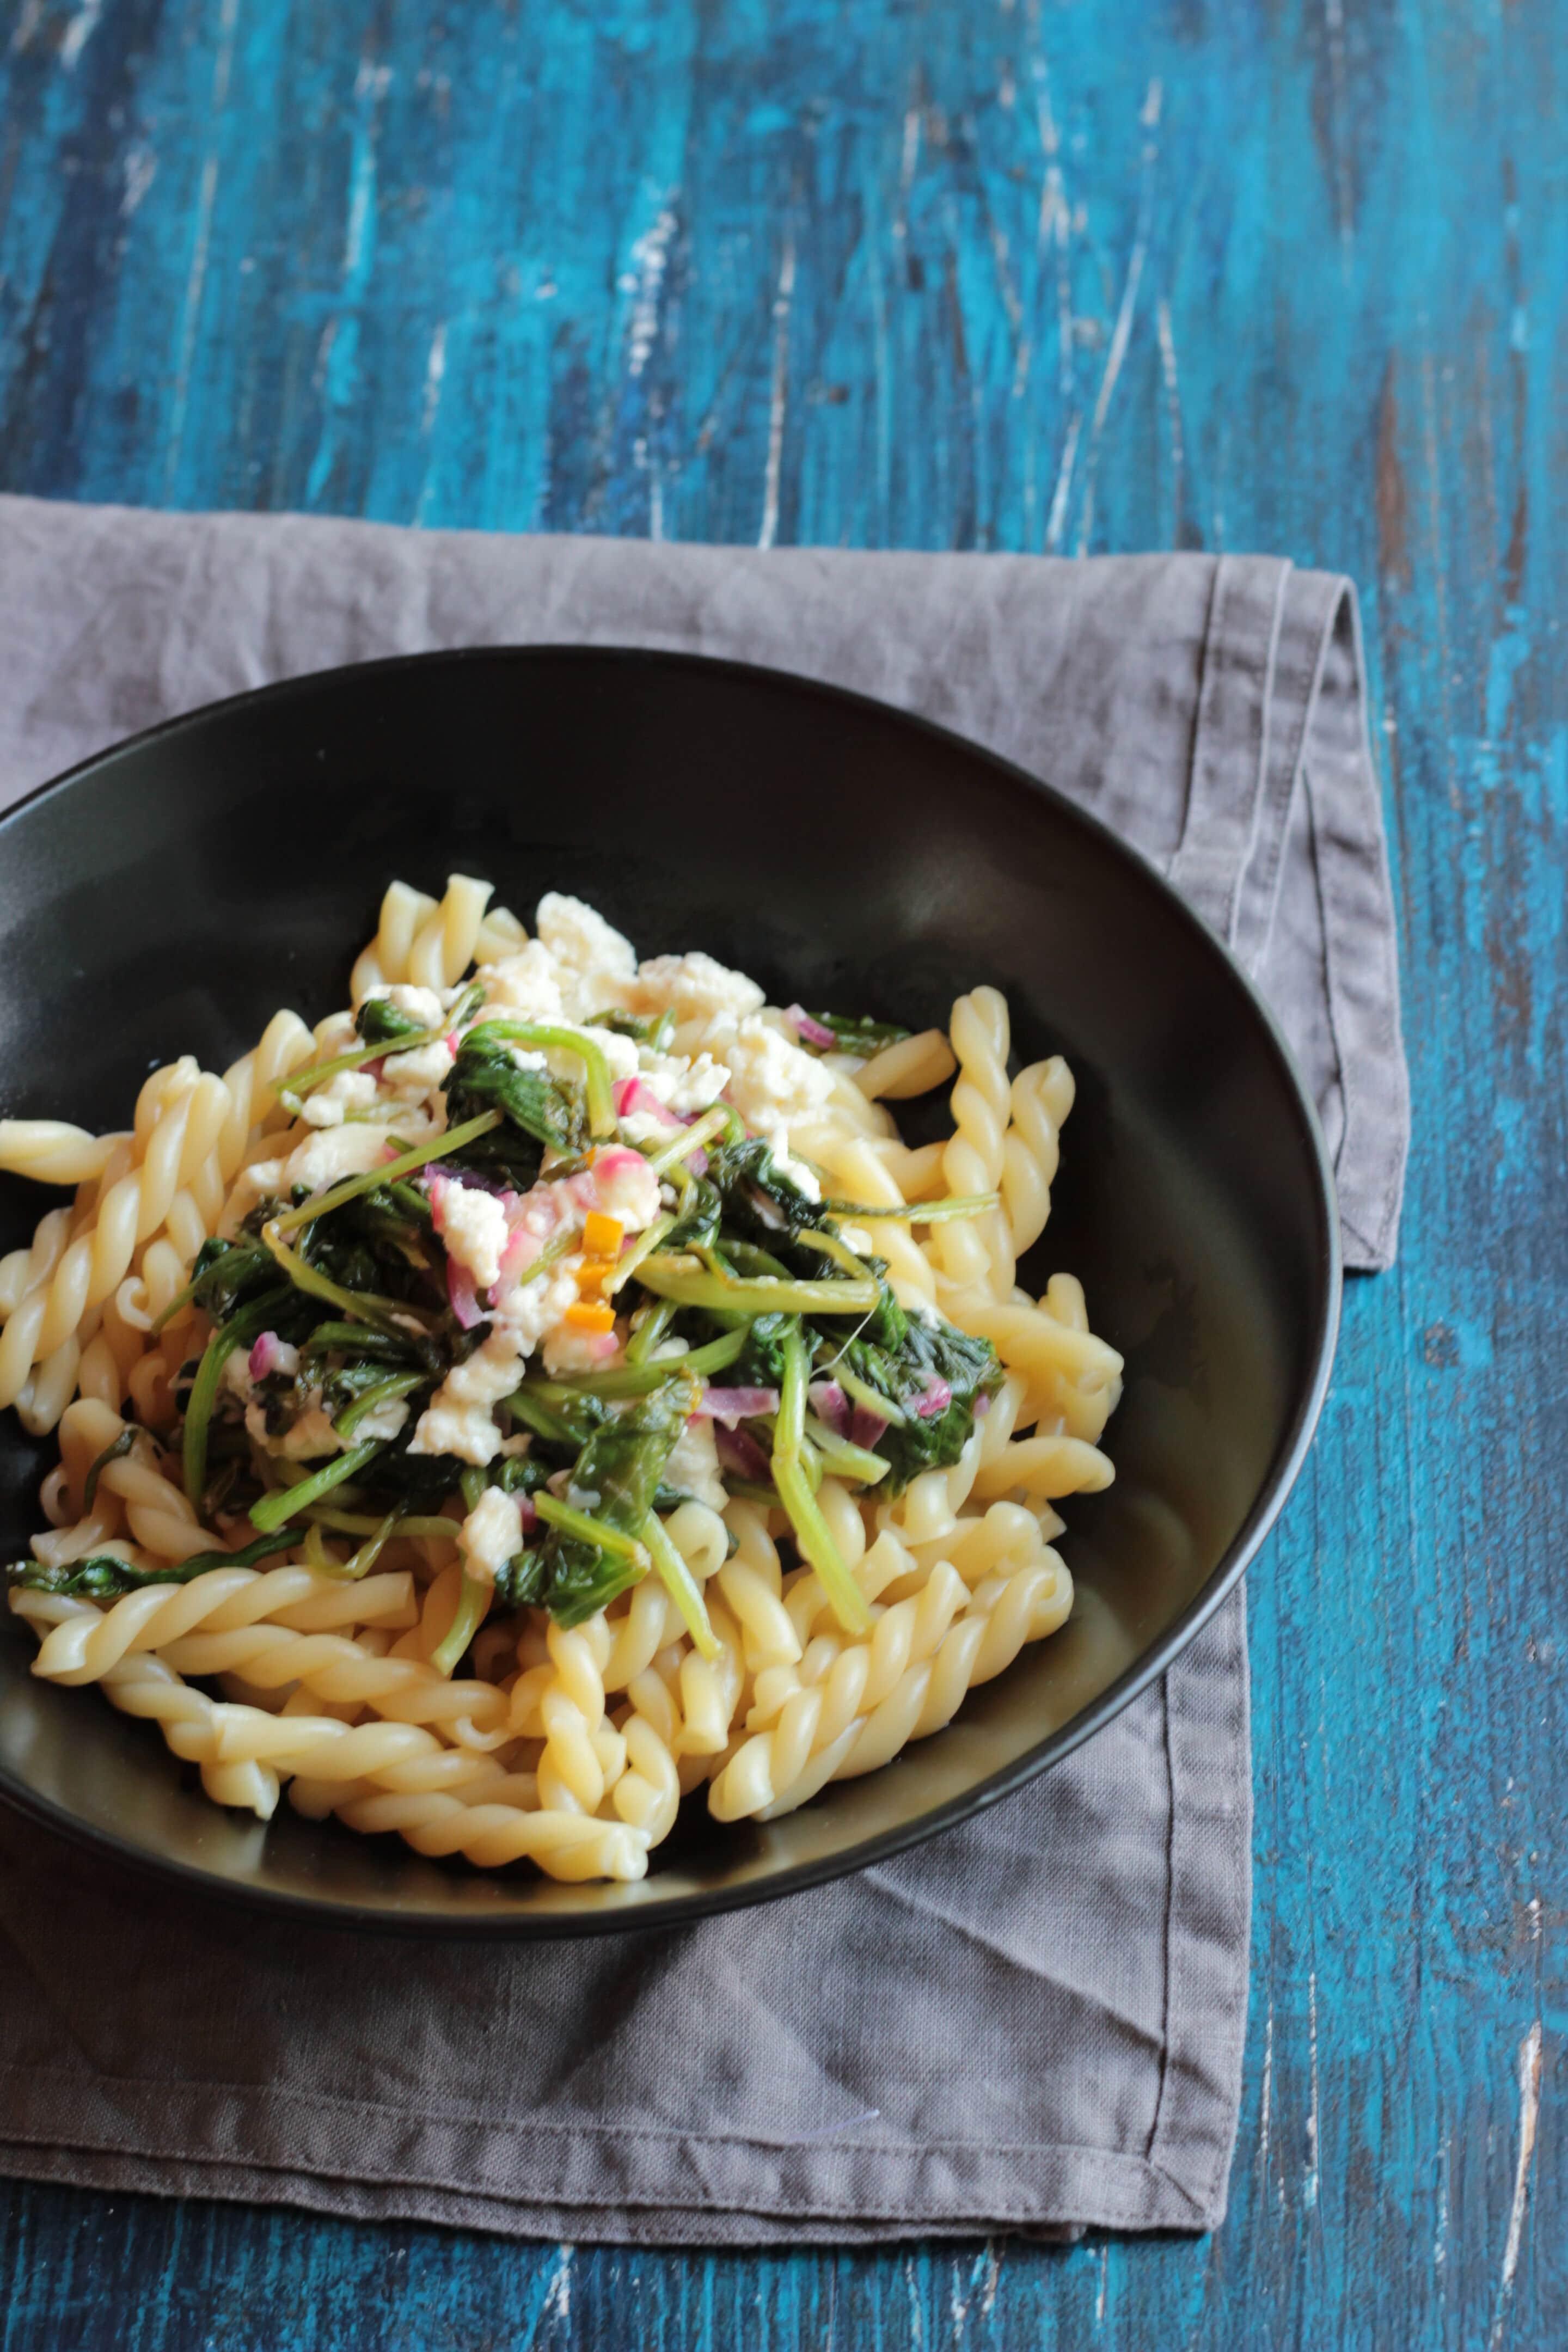 Pasta mit frischem Babyspinat oder #pastaforingeborg die Sechste